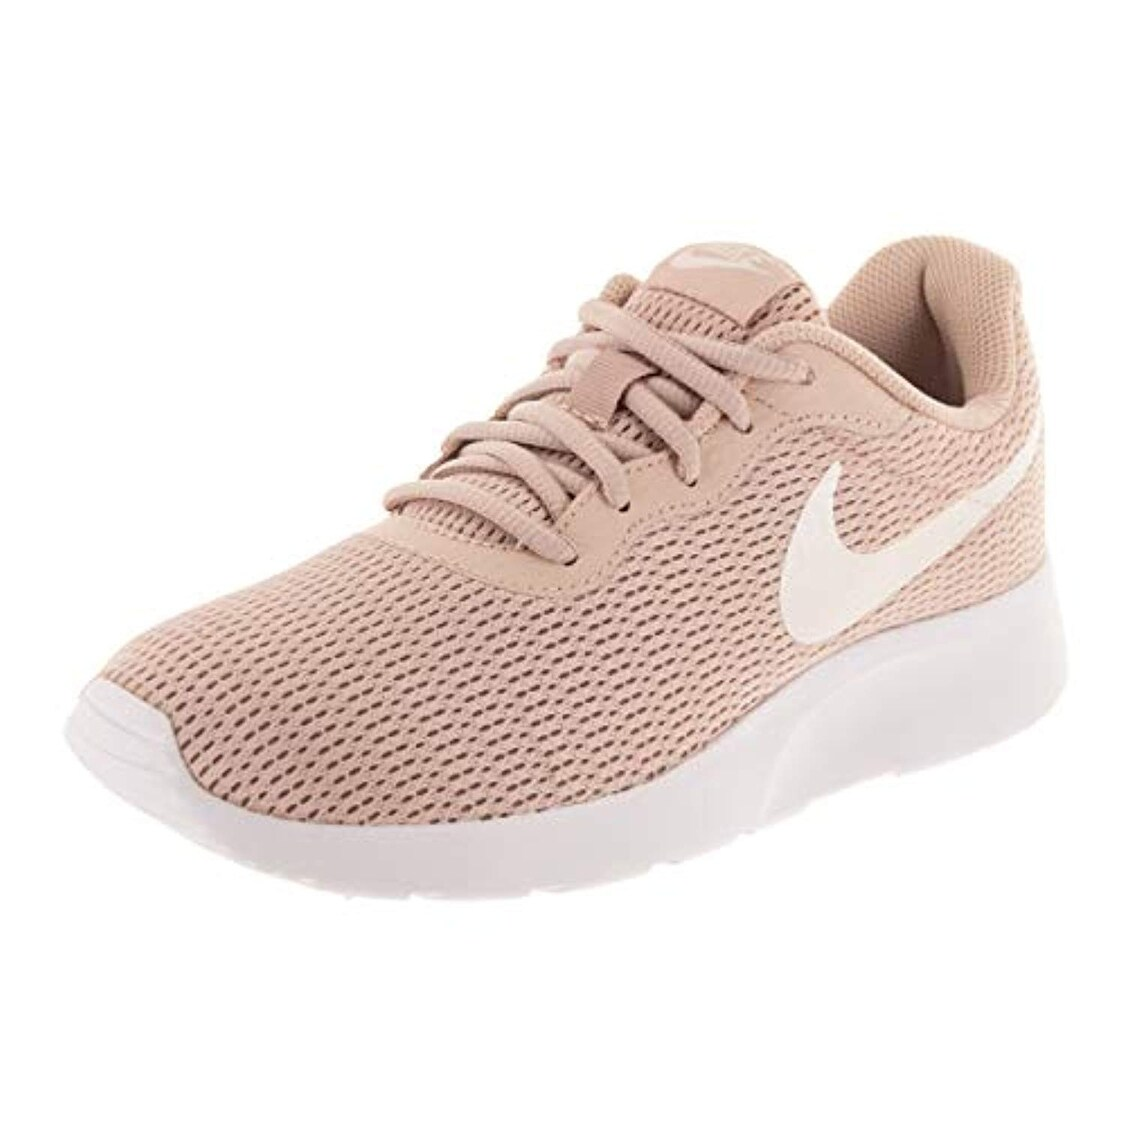 Nike Sportswear WMNS Tanjun Sneakers Damen beige